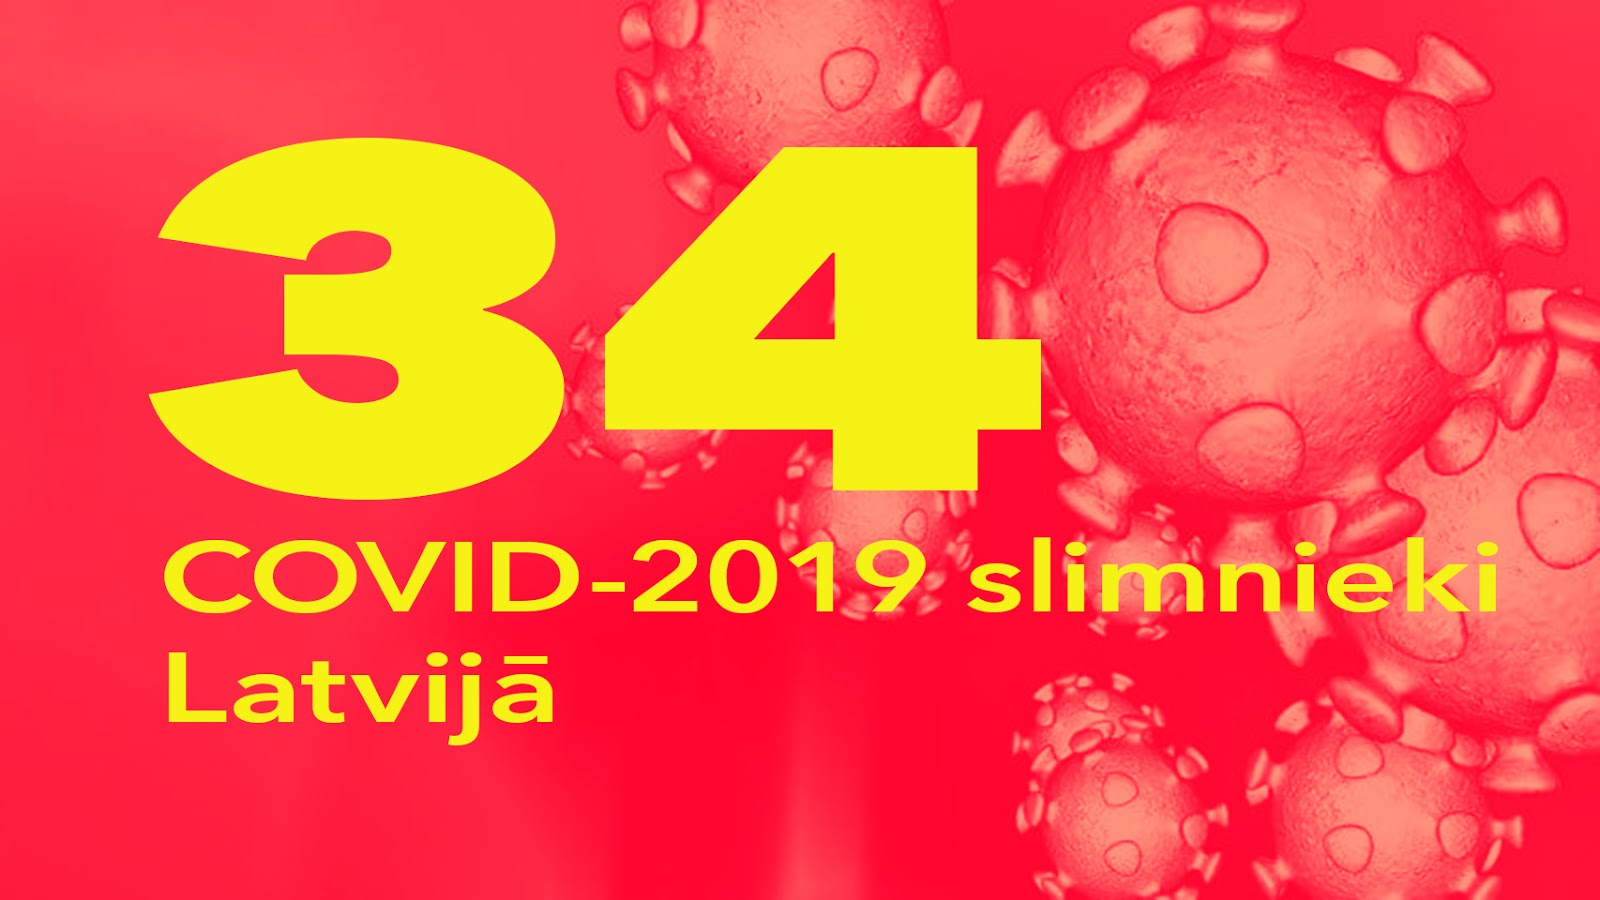 Koronavīrusa saslimušo skaits Latvijā